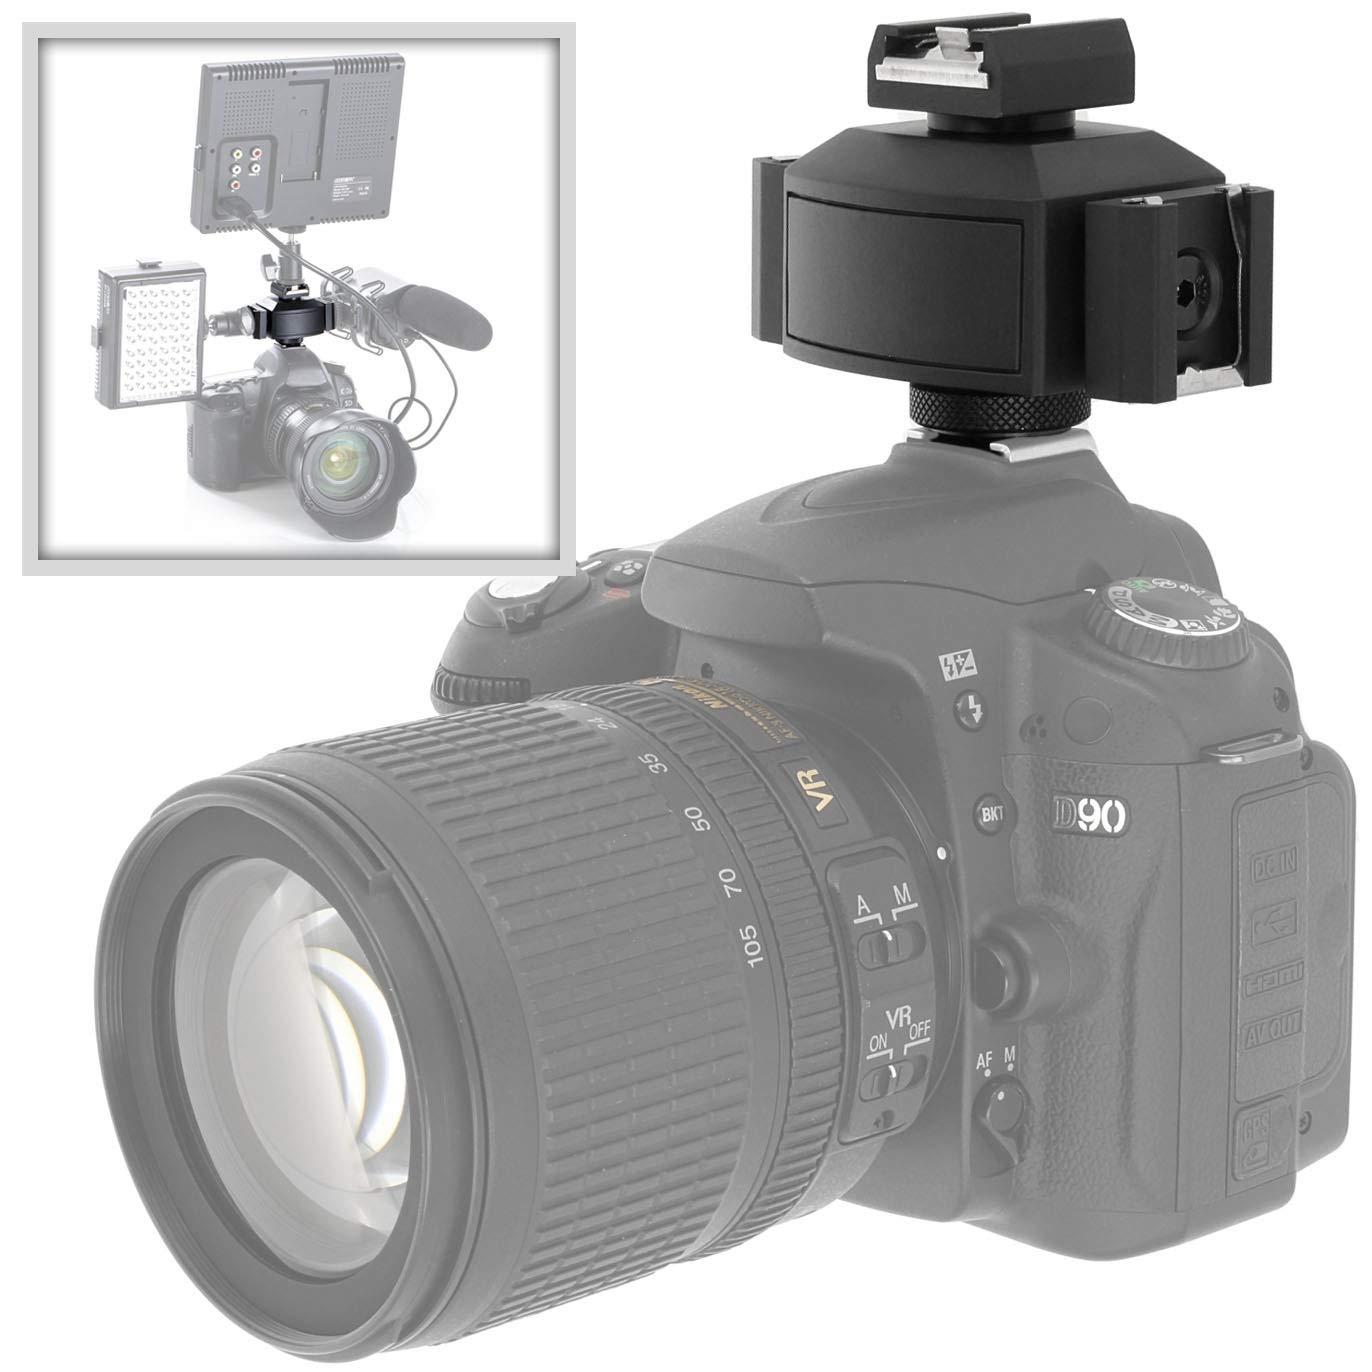 Lot de 2,10/cm imperm/éable et Film antireflets pour Automobile c/ôt/é Miroir LayOPO Film Anti Brouillard pour r/étroviseur